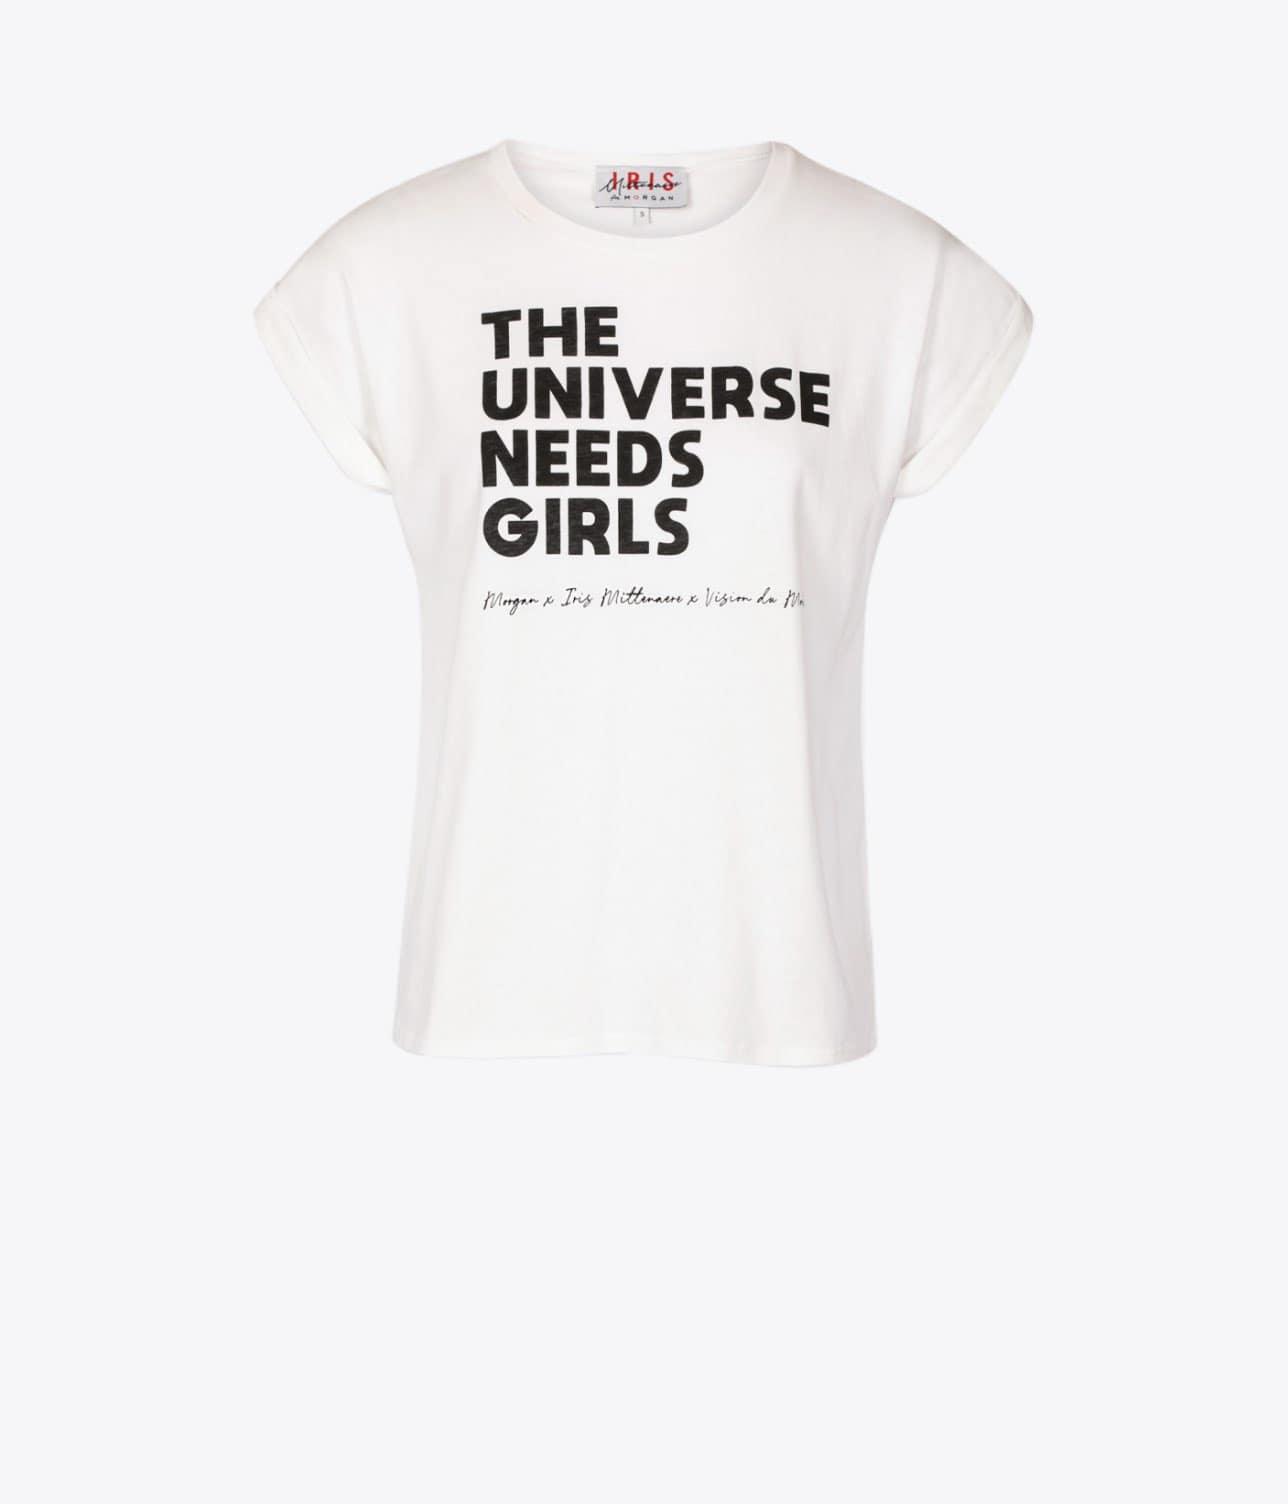 T-shirt Morgan x Iris Mittenaere x Vision du monde